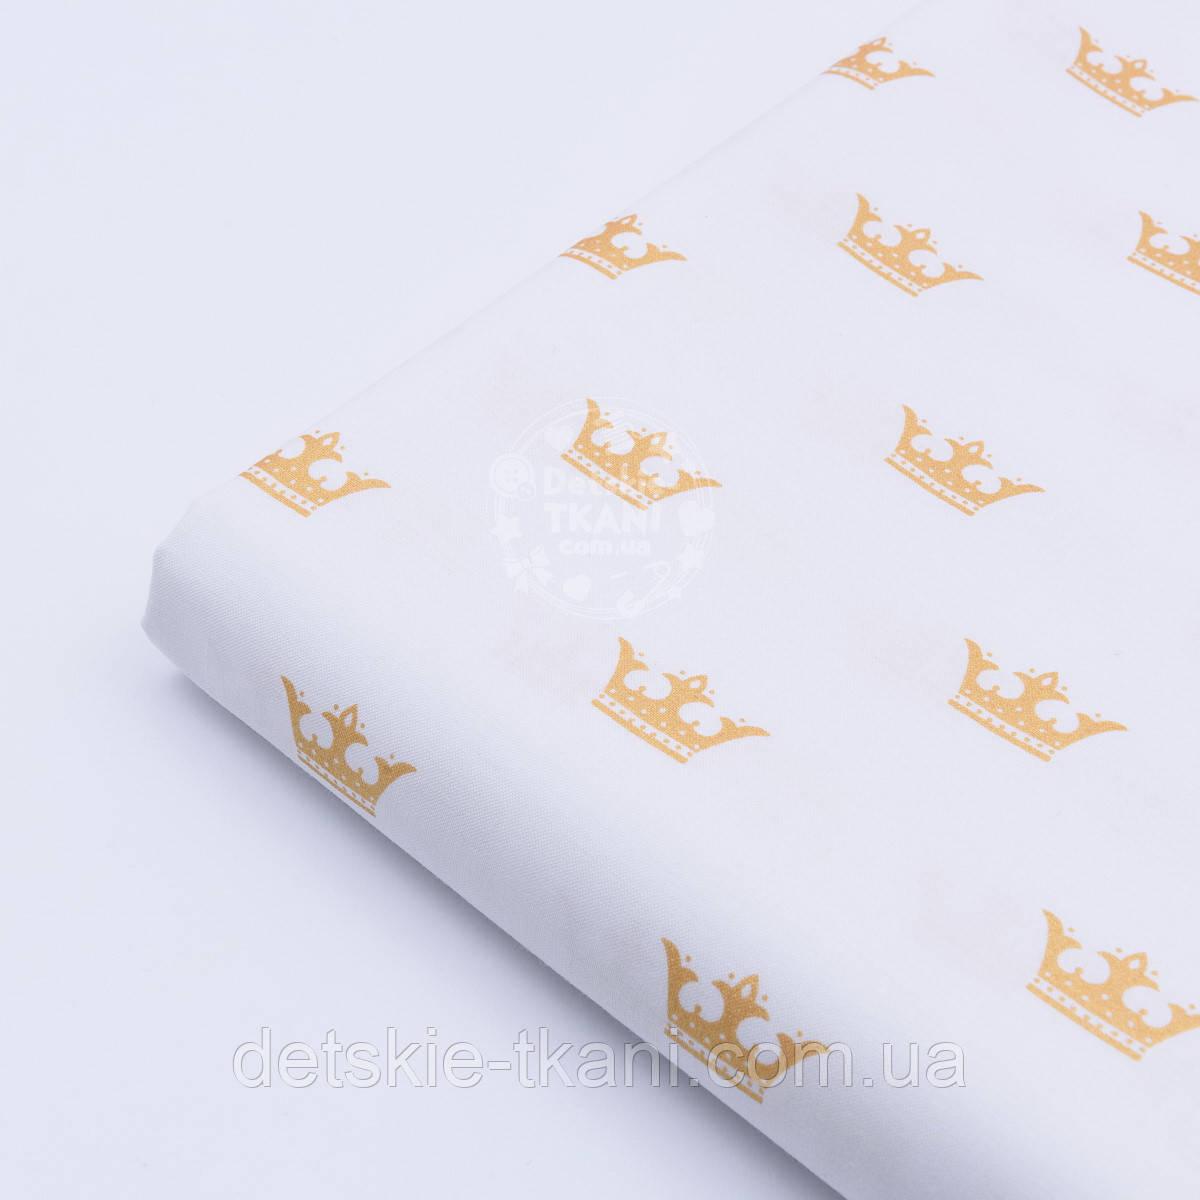 """Отрез ткани с глиттерным """"Золотые короны"""" на белом №1652а, размер 98*160"""